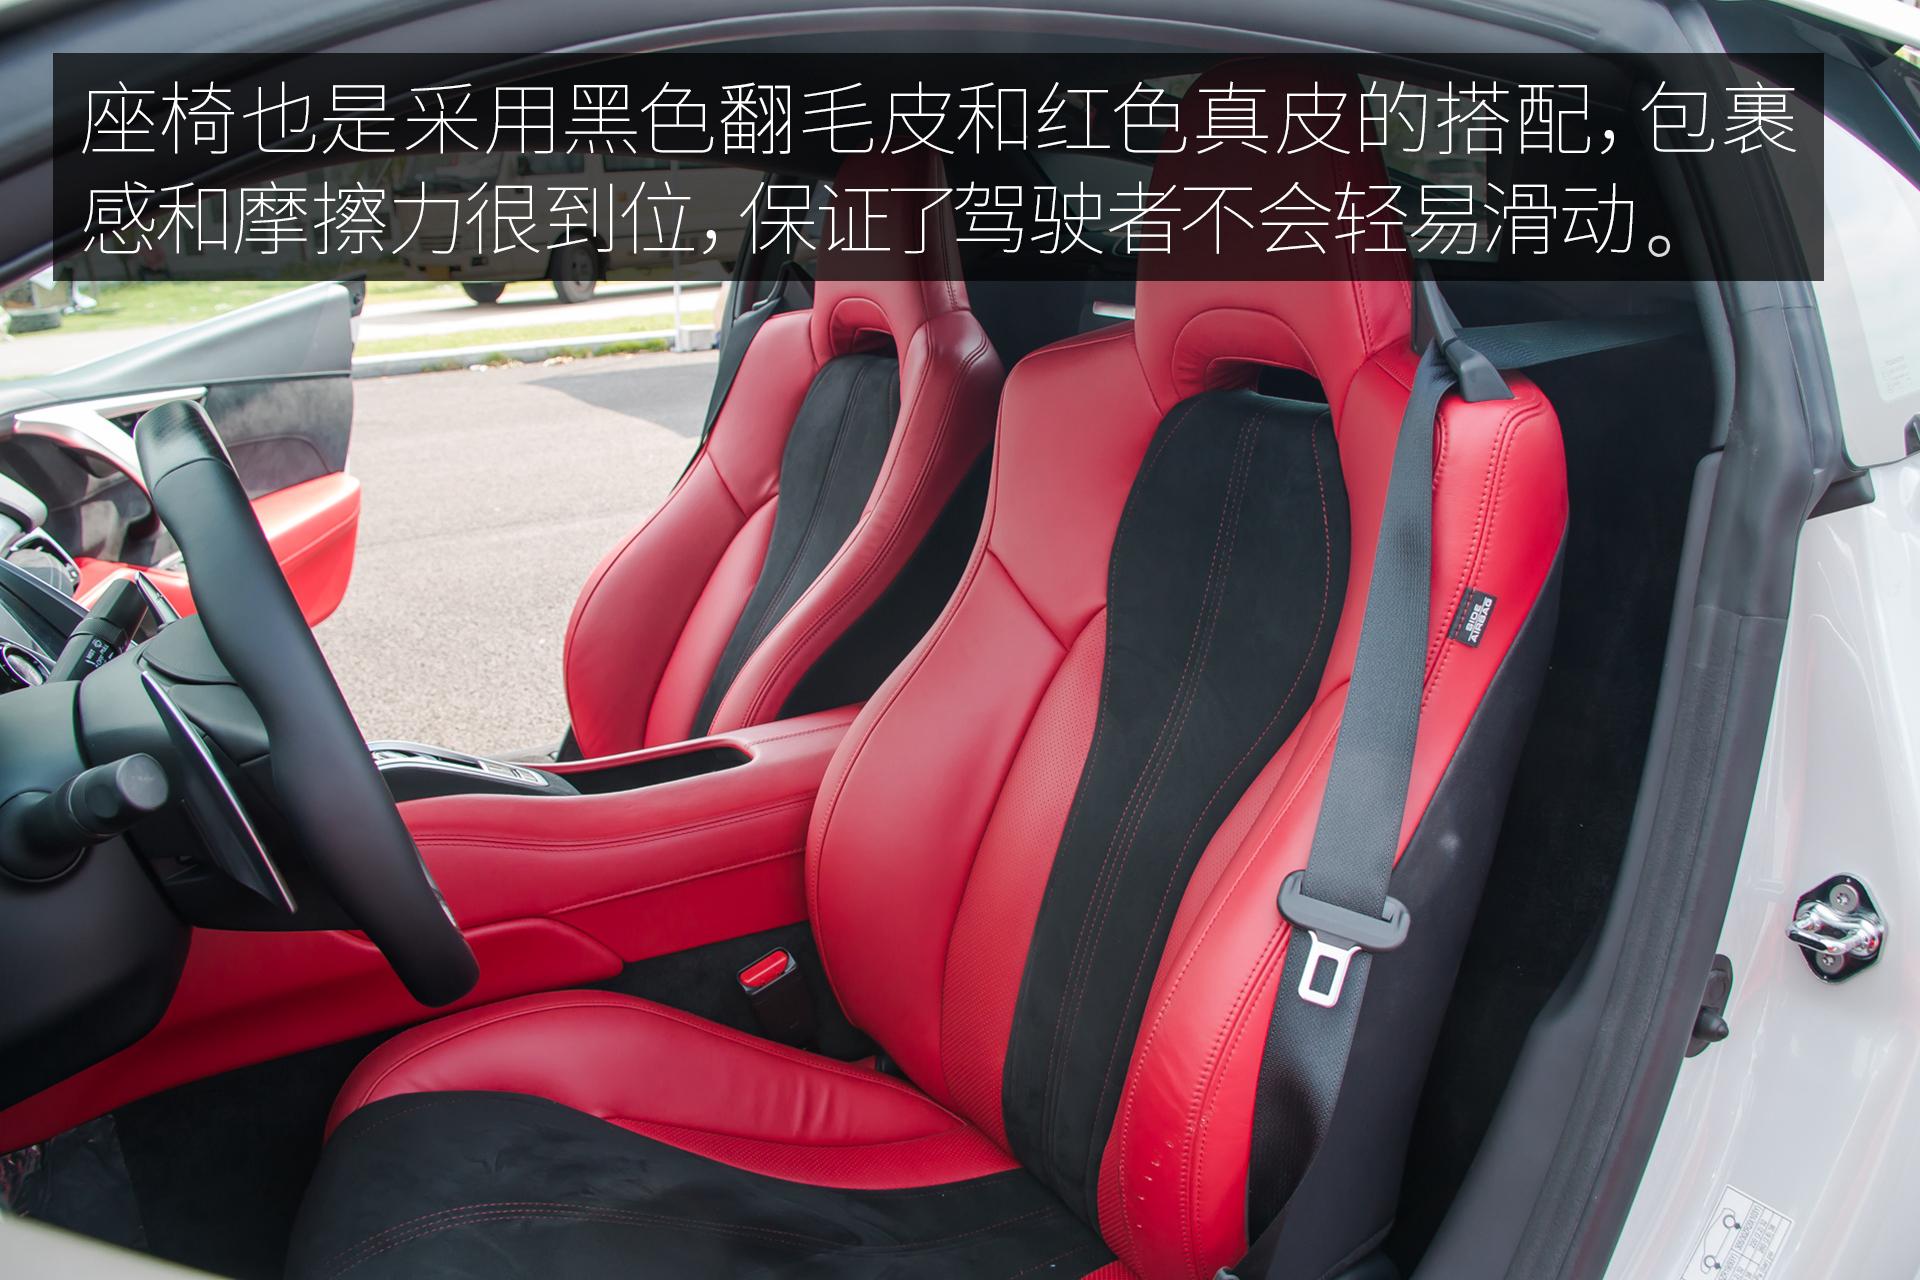 NSX座椅材质.jpg